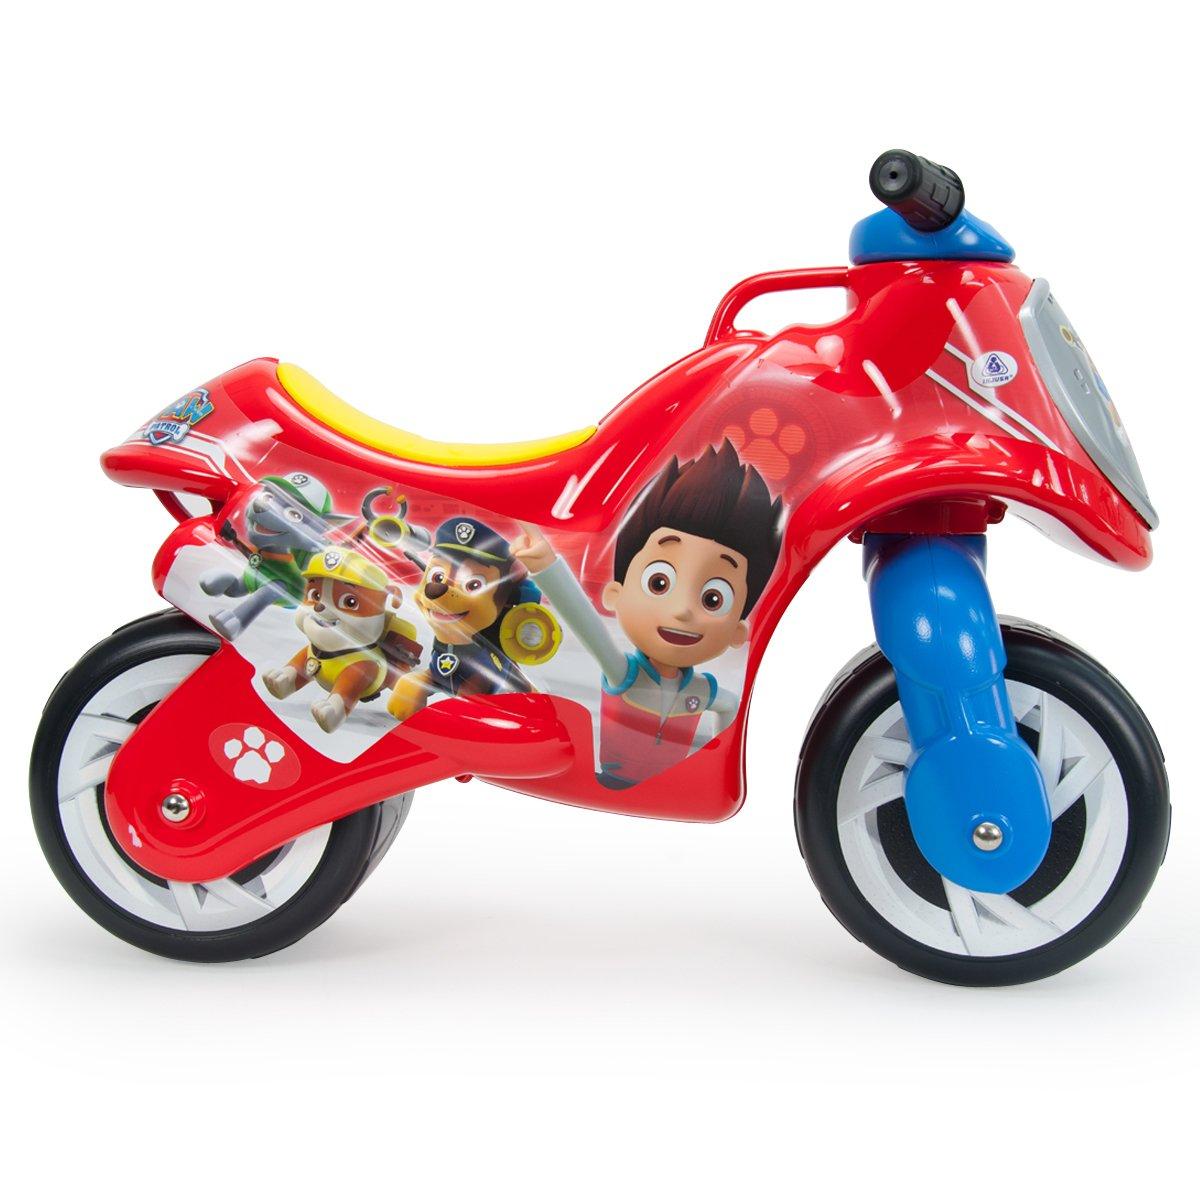 moto con dos ruedas roja